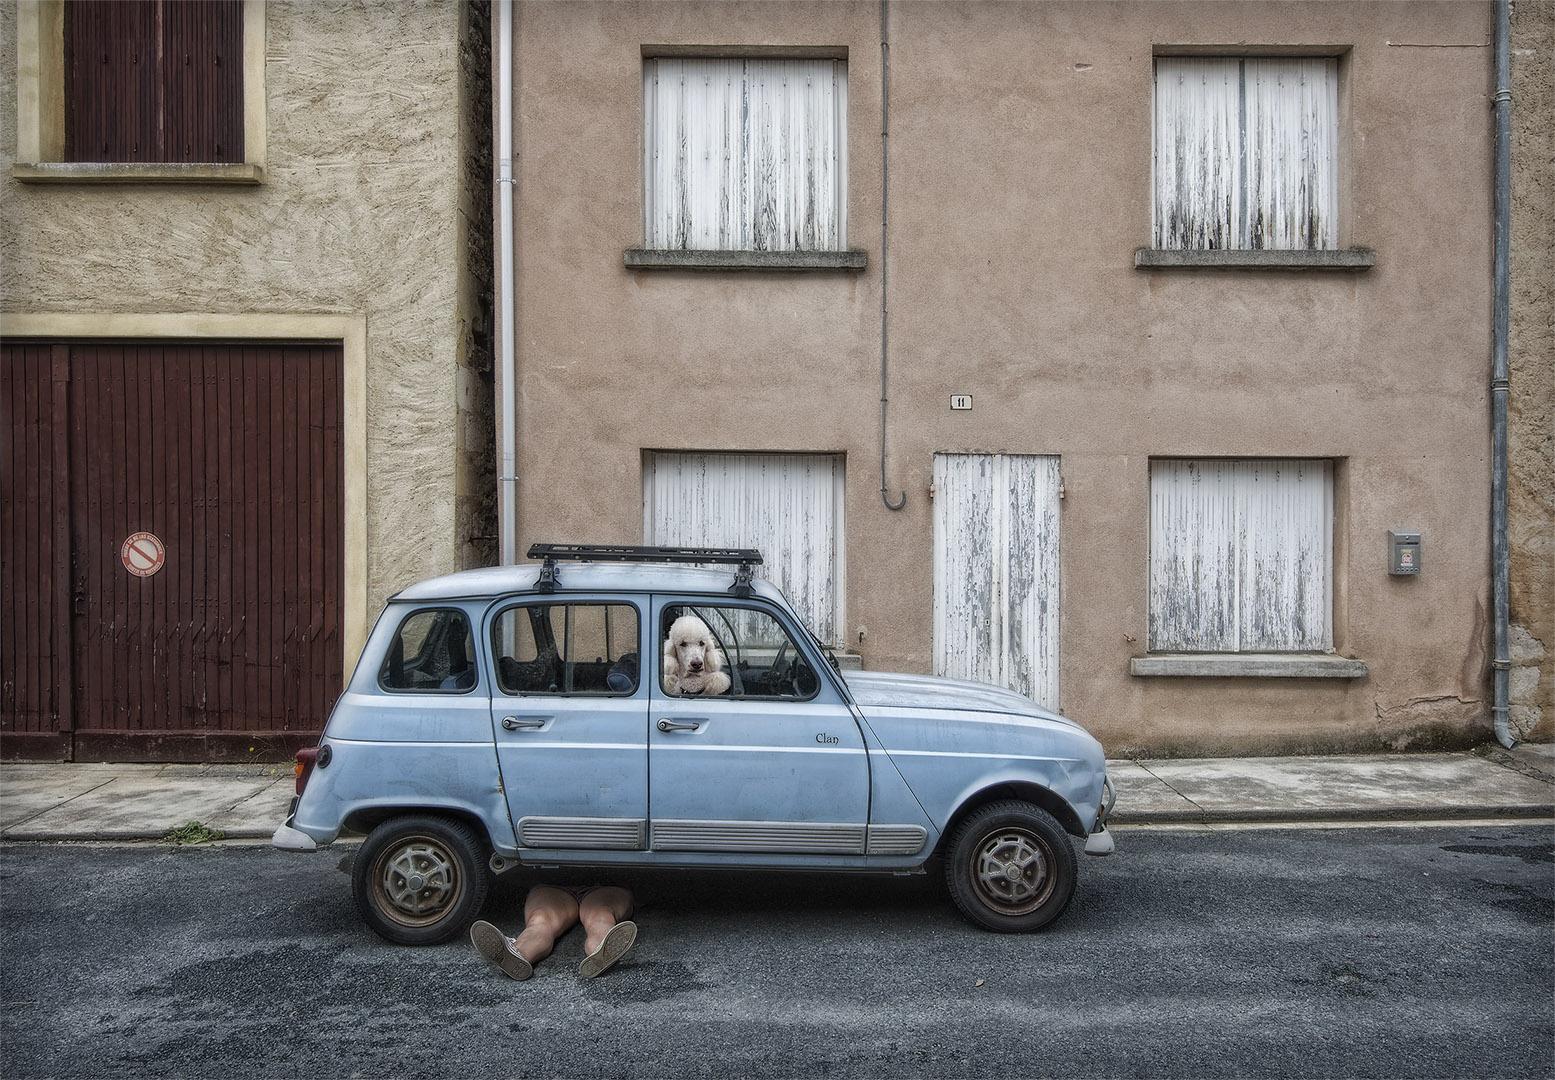 street color photograph of a car and dog shot in Dordogne, France by Marcel van Balken